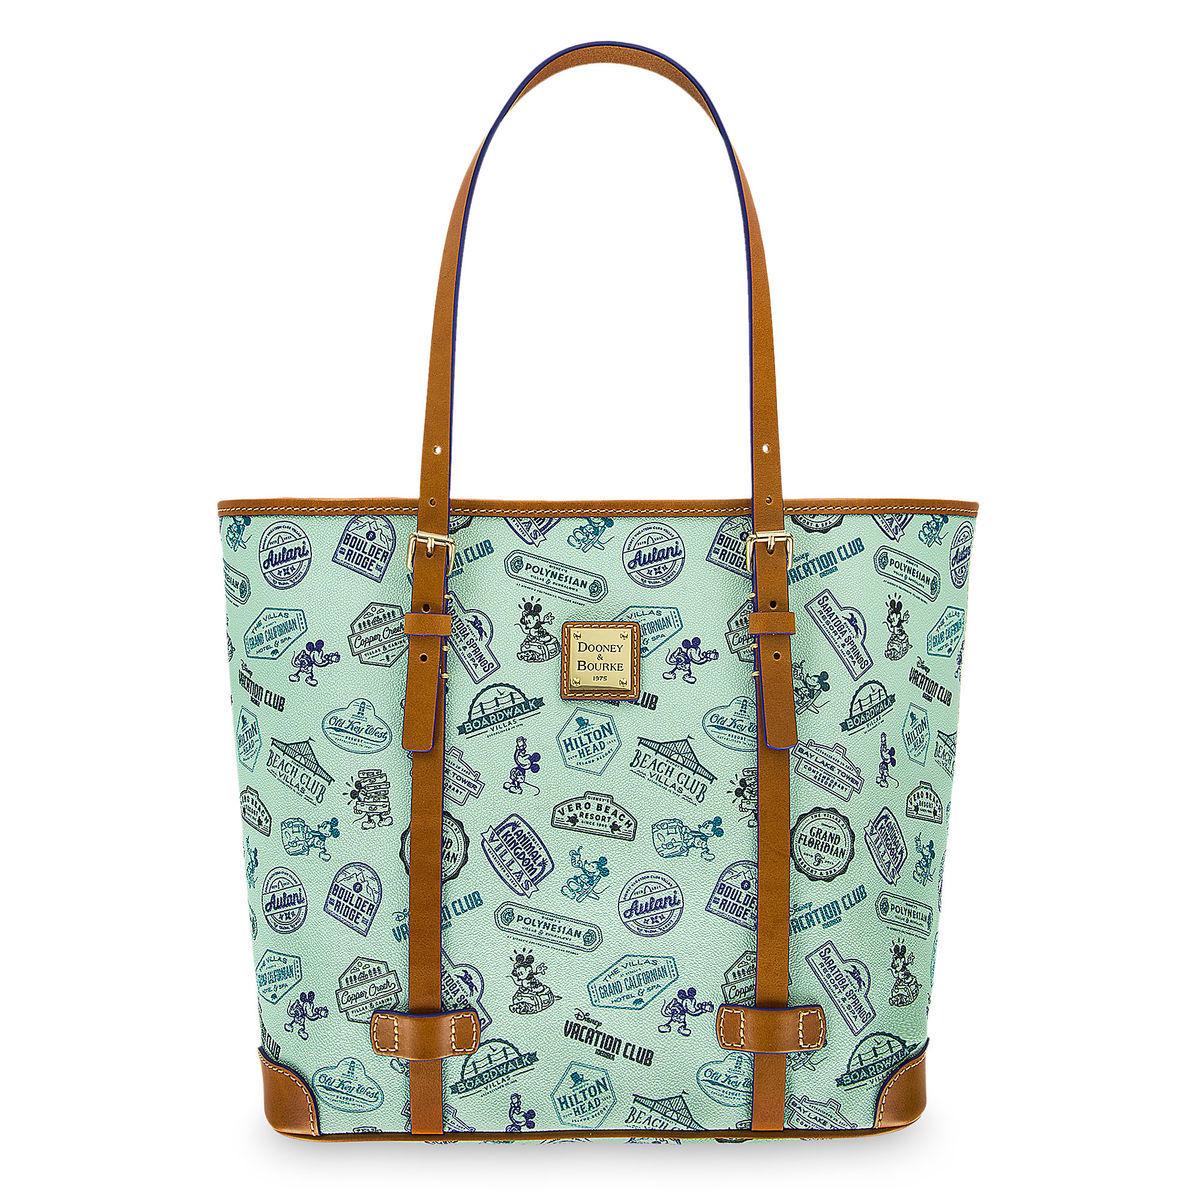 Disney Dooney Bourke Bag